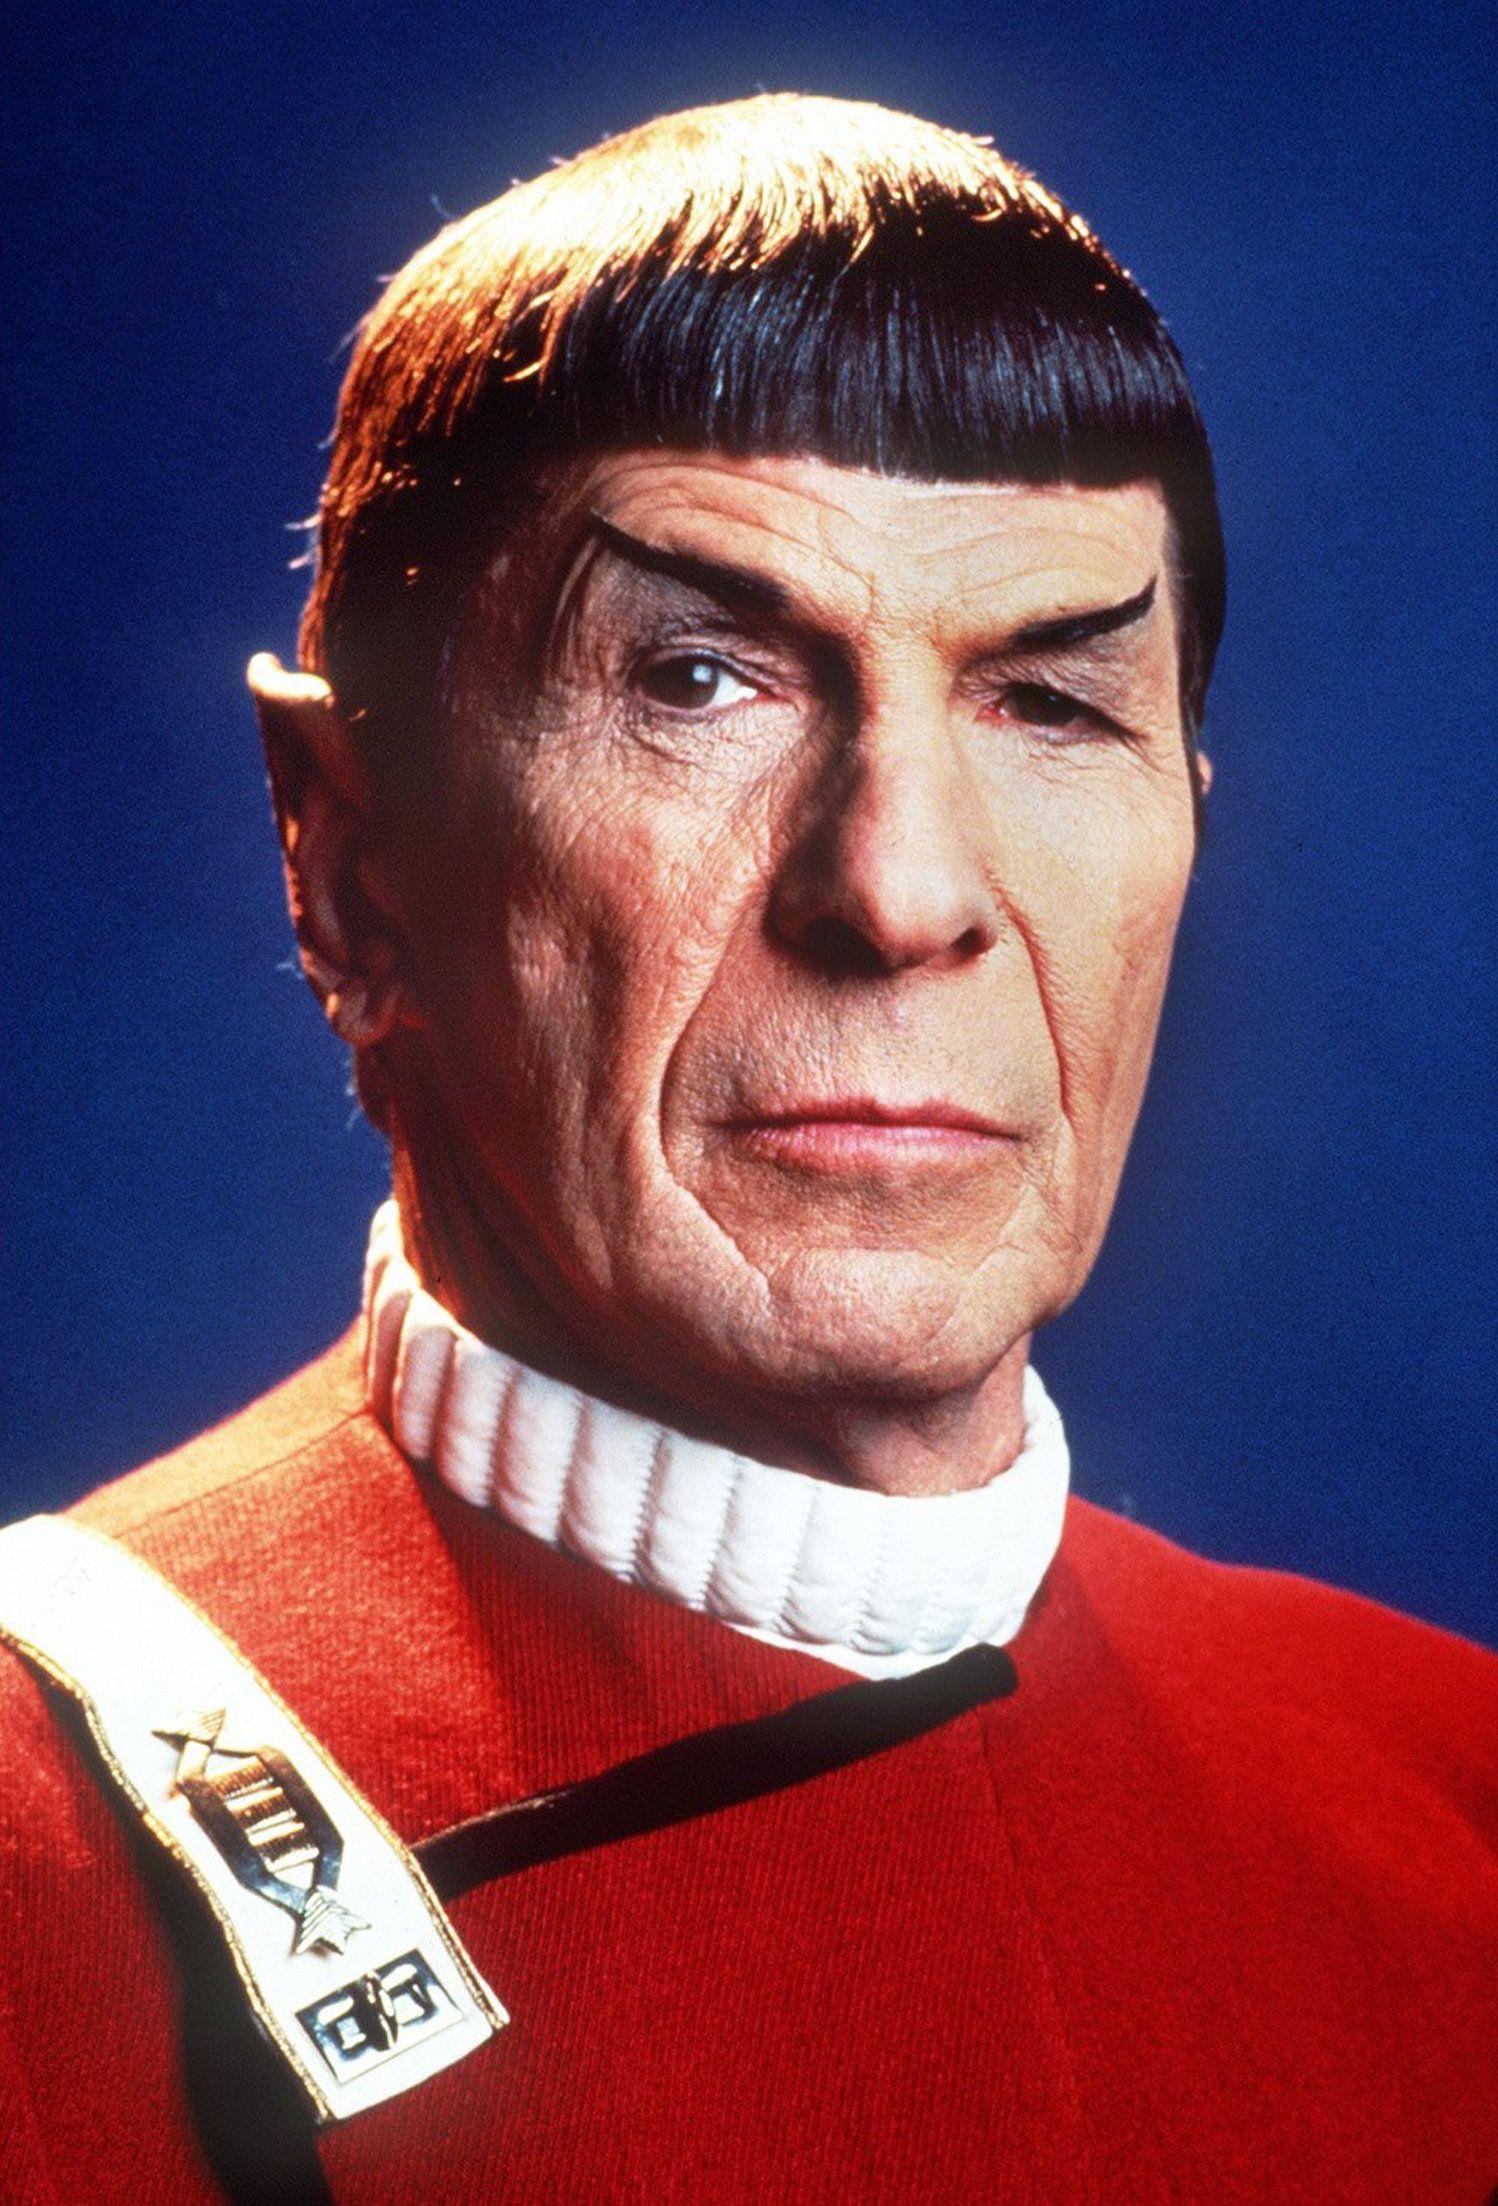 Star Trek - Mr. Spock